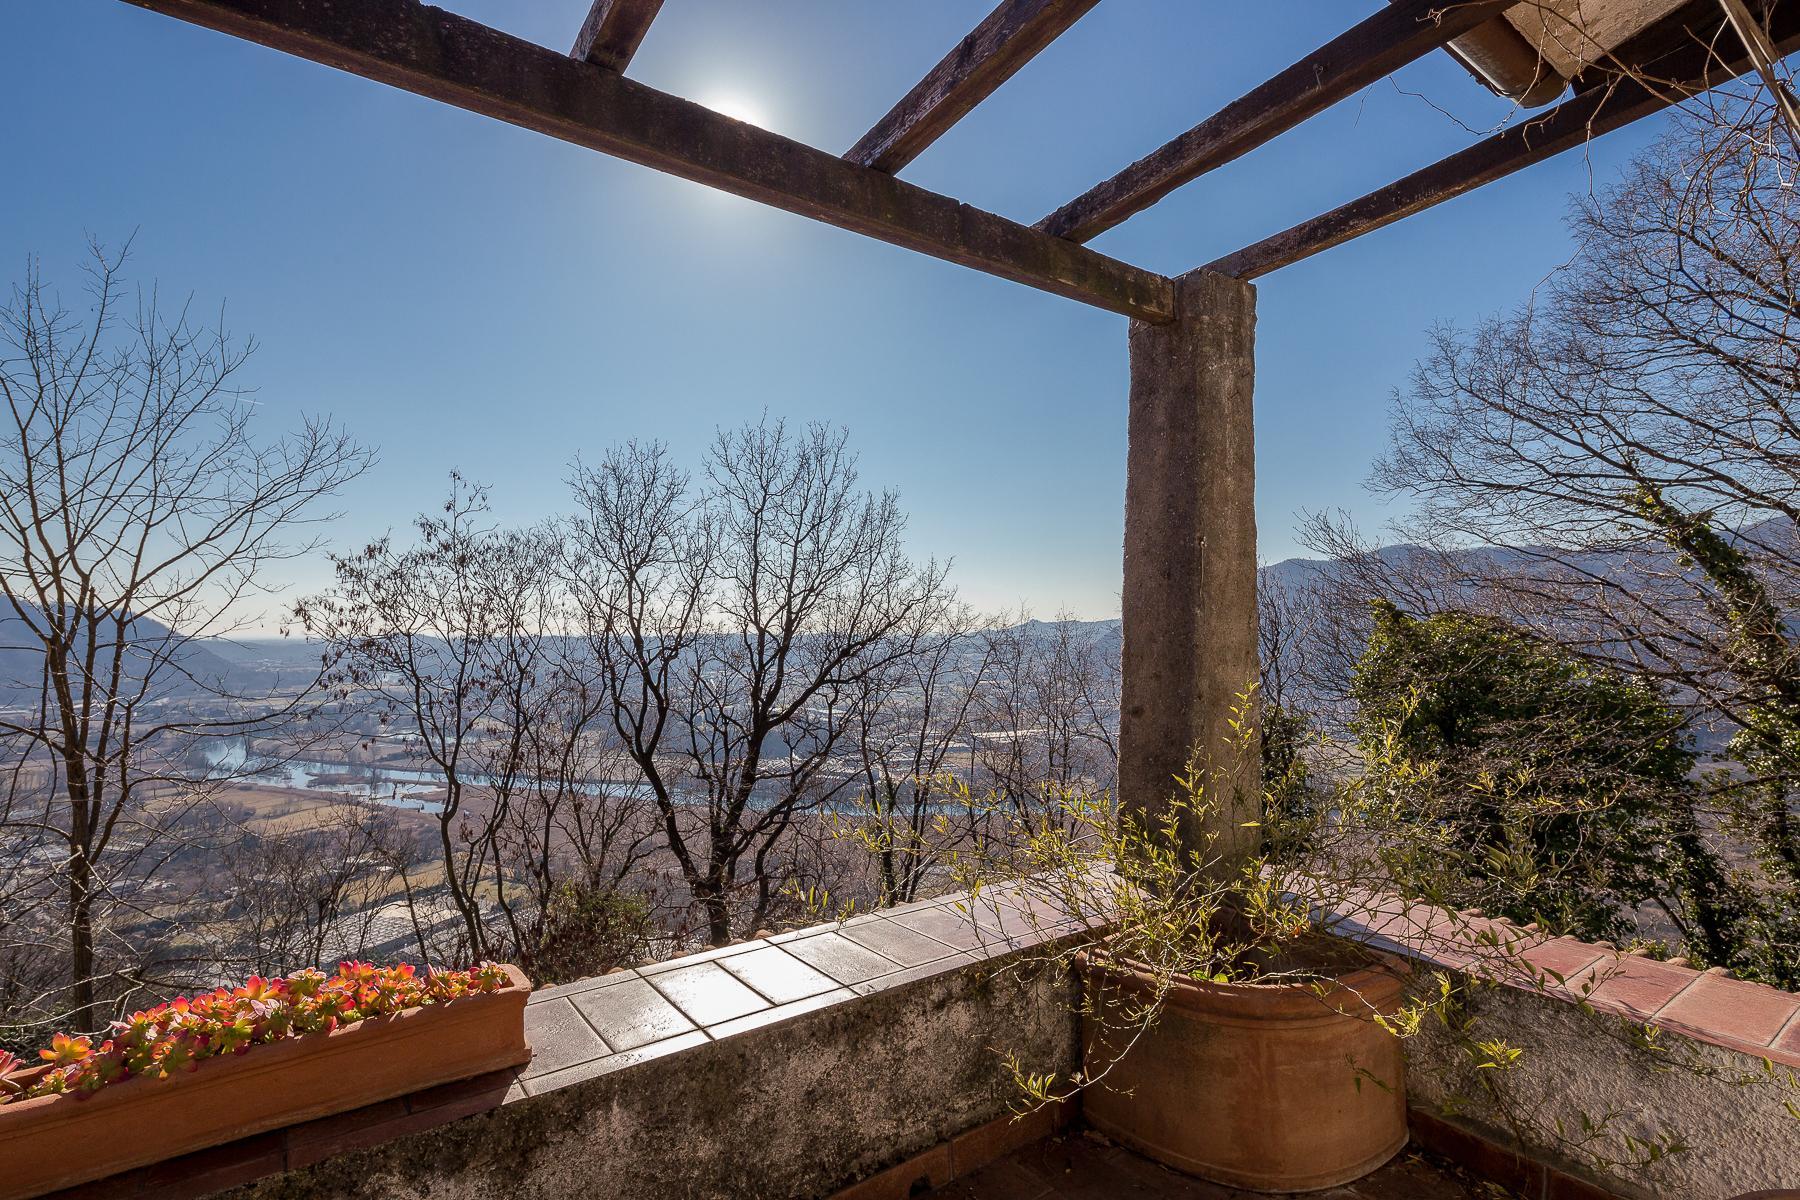 Bella villa con giardino e vista mozzafiato - 15